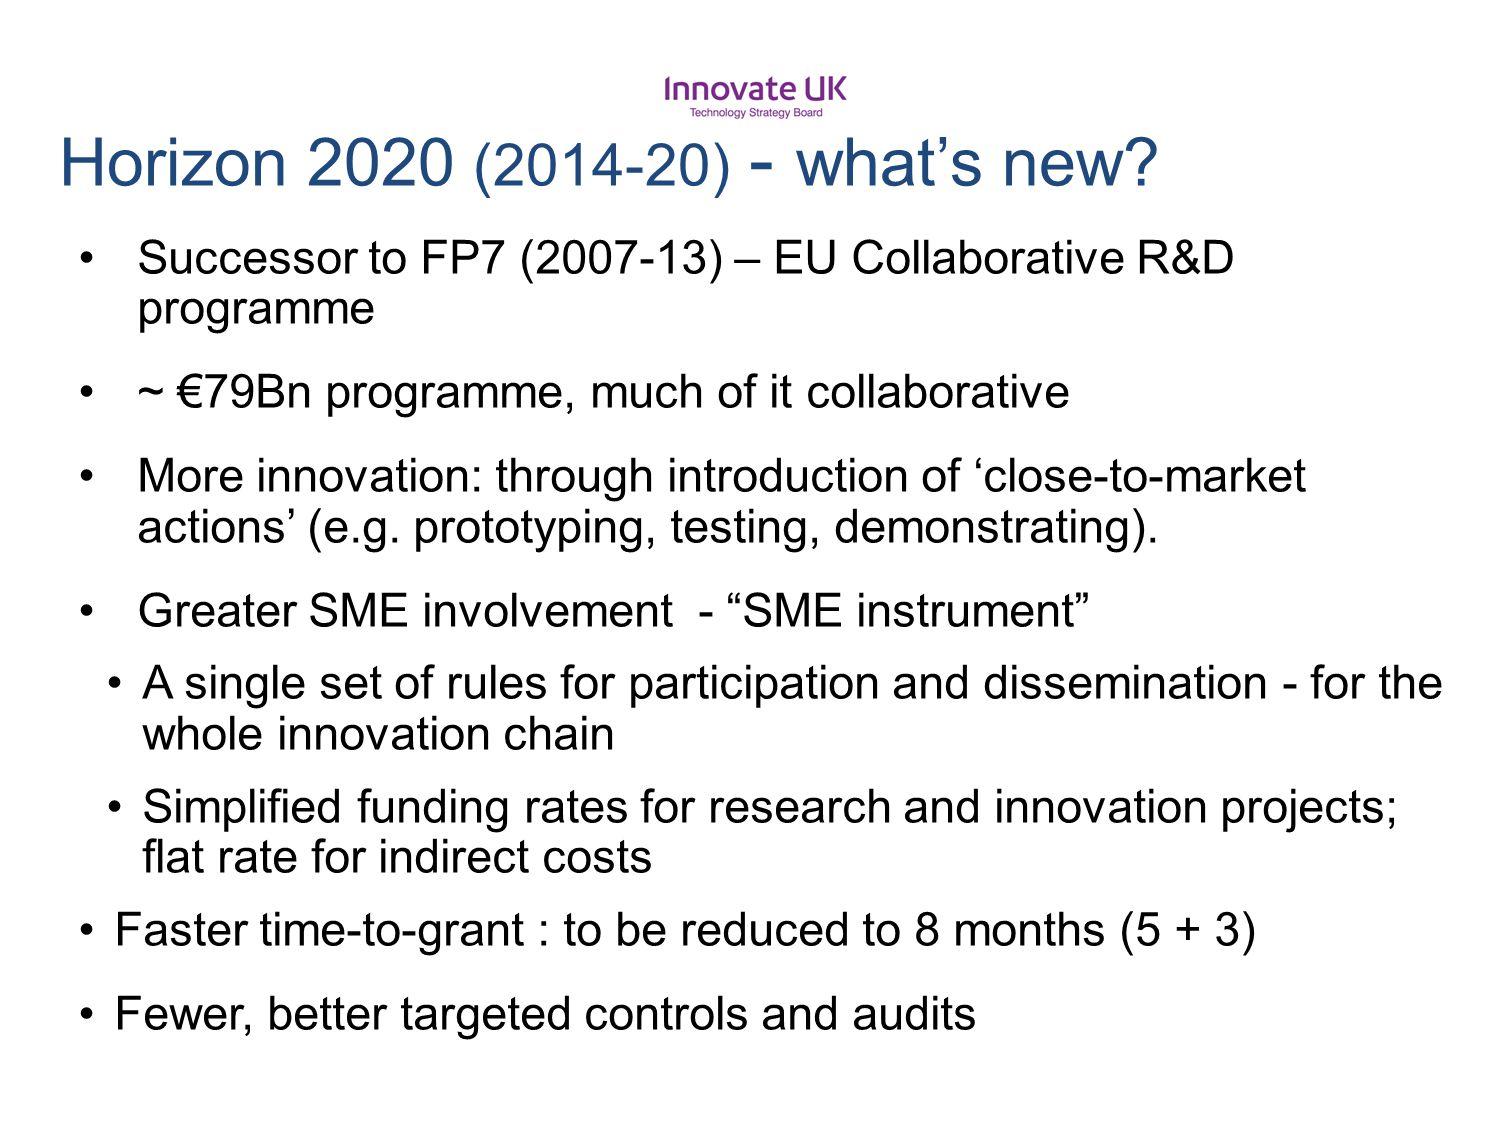 Horizon 2020 (2014-20) - what's new